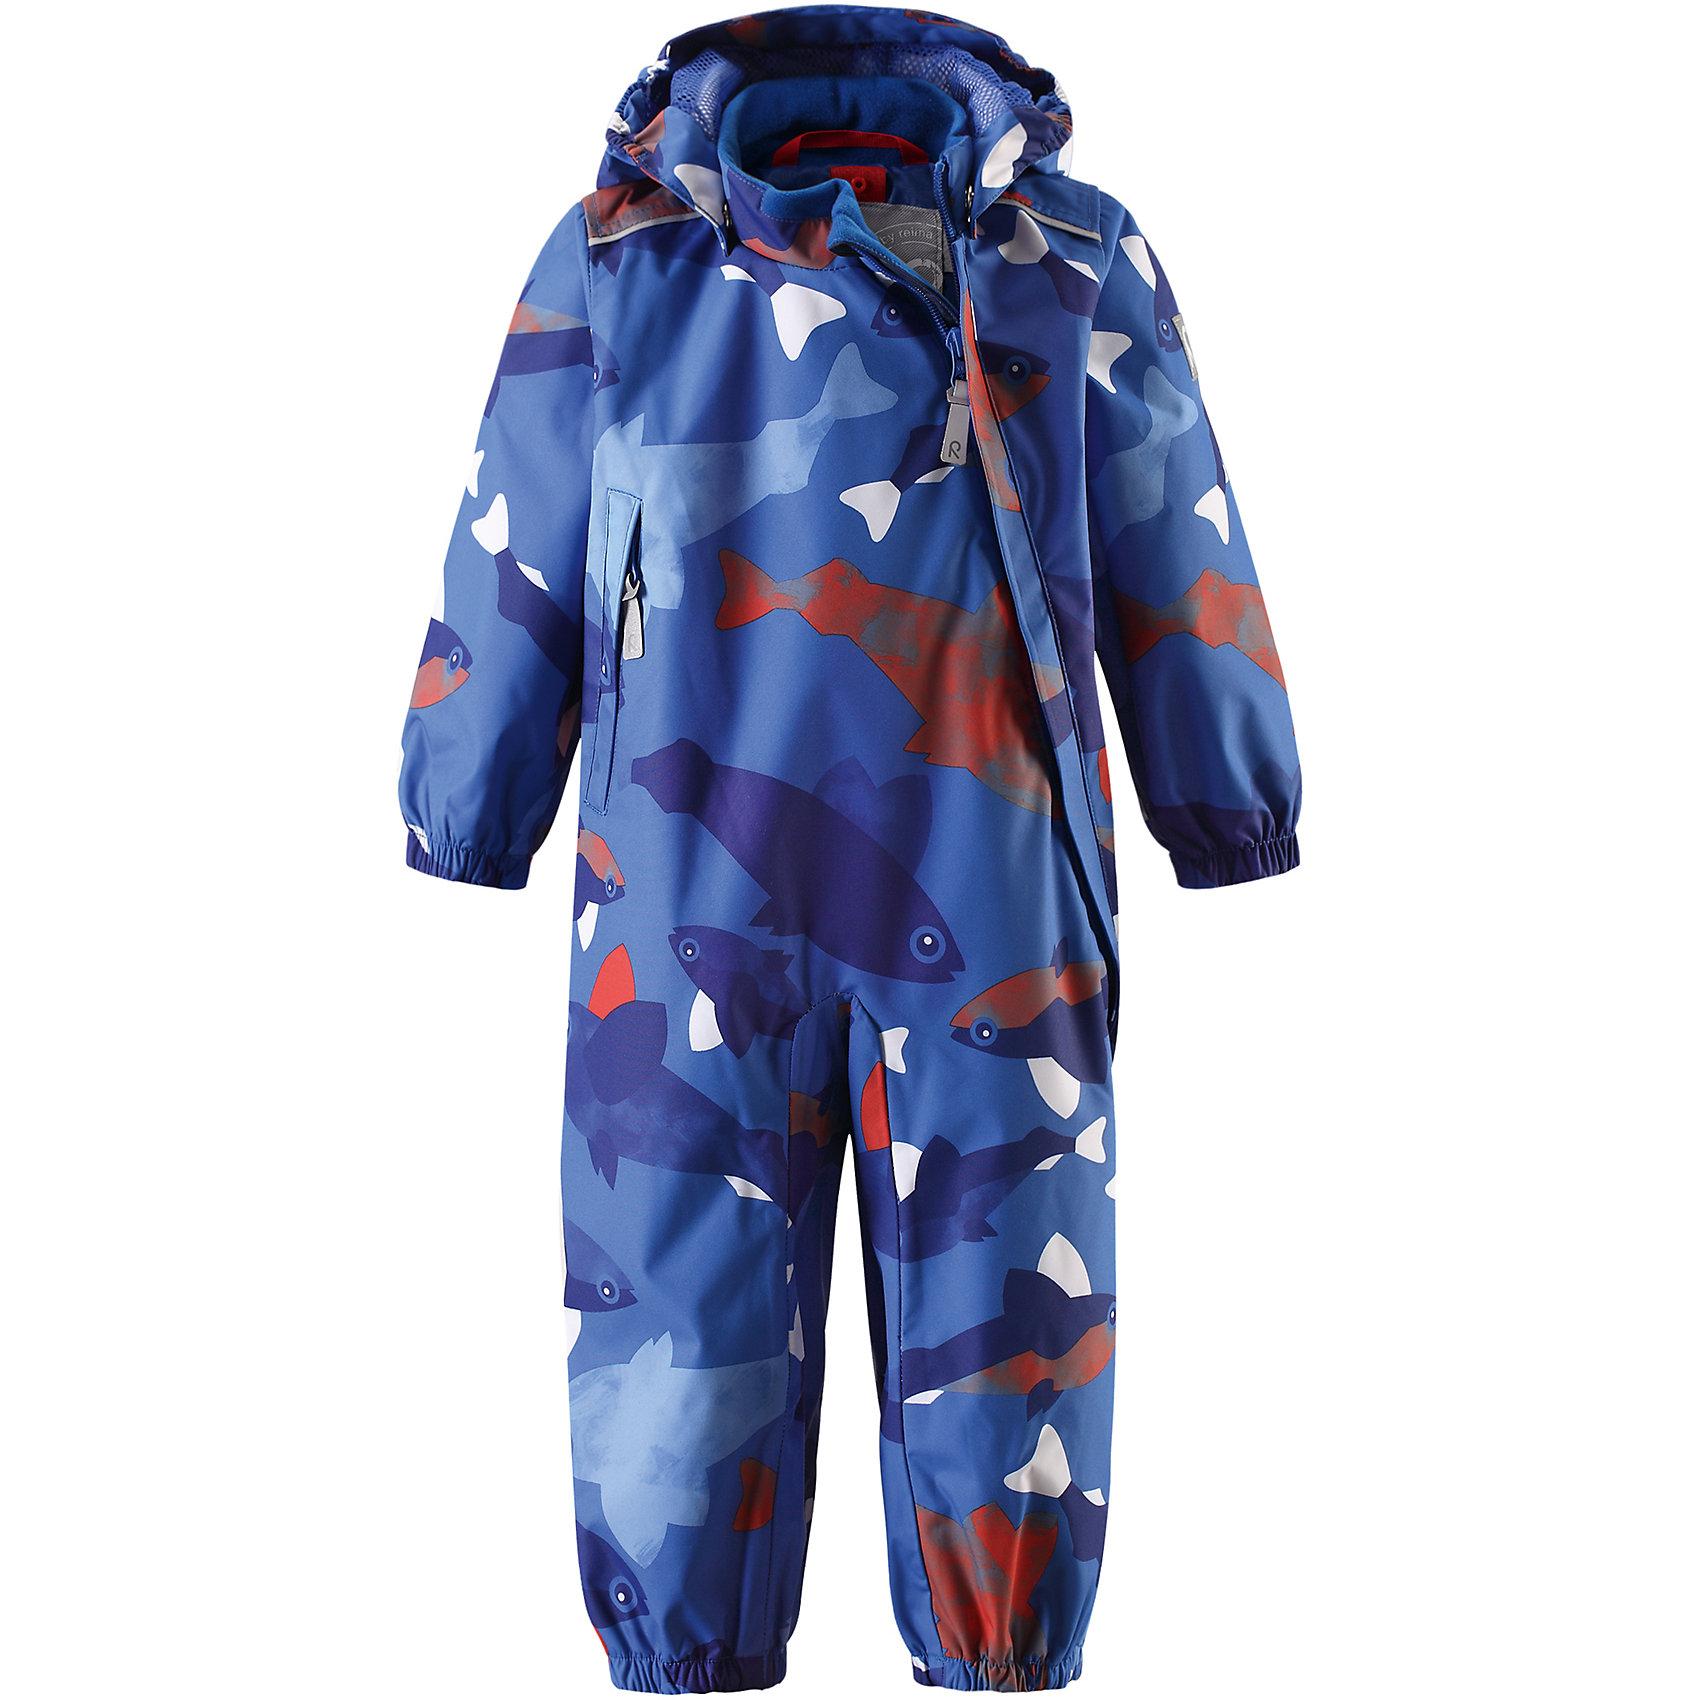 Комбинезон Nautilus для мальчика Reimatec® ReimaВерхняя одежда<br>Характеристики товара:<br><br>• цвет: синий<br>• состав: 100% полиэстер, полиуретановое покрытие<br>• температурный режим: от +5° до +15°С<br>• водонепроницаемость: 15000 мм<br>• воздухопроницаемость: 5000 мм<br>• износостойкость: 35000 циклов (тест Мартиндейла)<br>• без утеплителя<br>• все швы проклеены, водонепроницаемы<br>• водо- и ветронепроницаемый, дышащий, грязеотталкивающий материал<br>• гладкая подкладка из полиэстера по всему изделию, mesh сетка на капюшоне<br>• безопасный съёмный капюшон<br>• эластичные манжеты<br>• прочные съёмные силиконовые штрипки<br>• длинная застежка на молнии облегчает надевание<br>• карман на молнии<br>• комфортная посадка<br>• страна производства: Китай<br>• страна бренда: Финляндия<br>• коллекция: весна-лето 2017<br><br>Верхняя одежда для детей может быть модной и комфортной одновременно! Демисезонный комбинезон поможет обеспечить ребенку комфорт и тепло. Он отлично смотрится с различной обувью. Изделие удобно сидит и модно выглядит. Материал - прочный, хорошо подходящий для межсезонья, водо- и ветронепроницаемый, «дышащий». Стильный дизайн разрабатывался специально для детей.<br><br>Одежда и обувь от финского бренда Reima пользуется популярностью во многих странах. Эти изделия стильные, качественные и удобные. Для производства продукции используются только безопасные, проверенные материалы и фурнитура. Порадуйте ребенка модными и красивыми вещами от Reima! <br><br>Комбинезон для мальчика Reimatec® от финского бренда Reima (Рейма) можно купить в нашем интернет-магазине.<br><br>Ширина мм: 356<br>Глубина мм: 10<br>Высота мм: 245<br>Вес г: 519<br>Цвет: синий<br>Возраст от месяцев: 6<br>Возраст до месяцев: 9<br>Пол: Мужской<br>Возраст: Детский<br>Размер: 74,80,92,98,86<br>SKU: 5265766